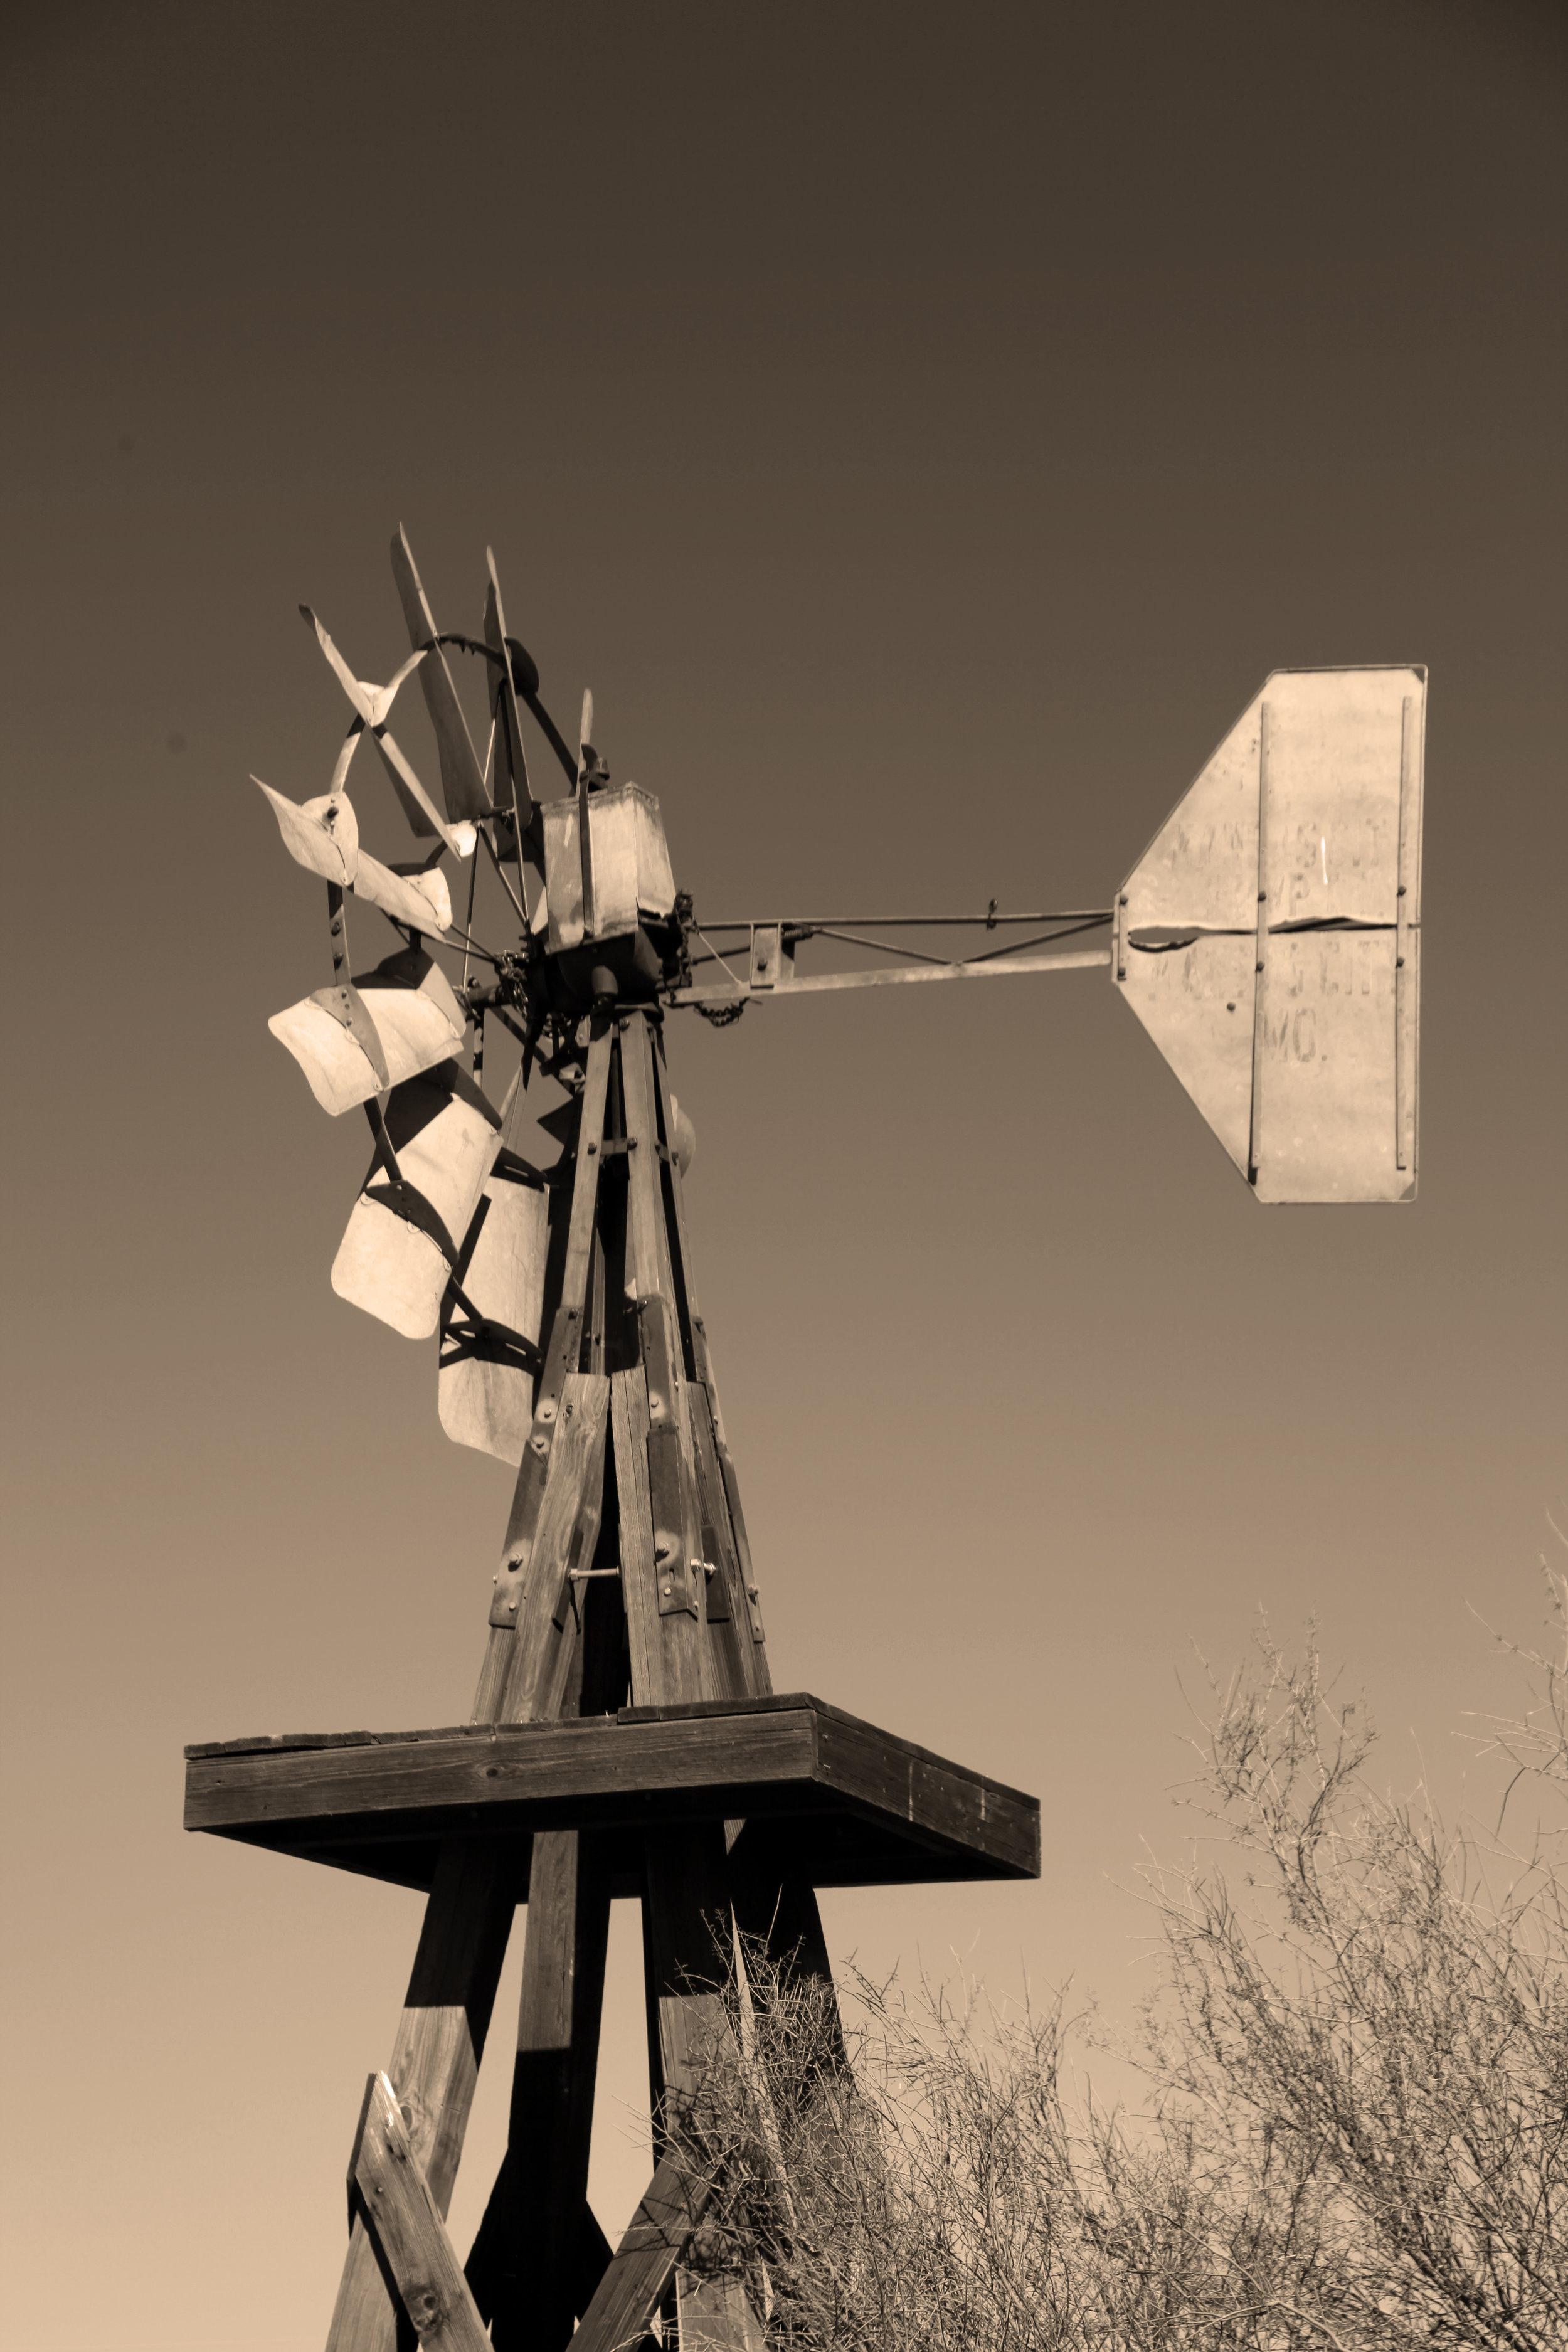 S. Berlin, Windmill